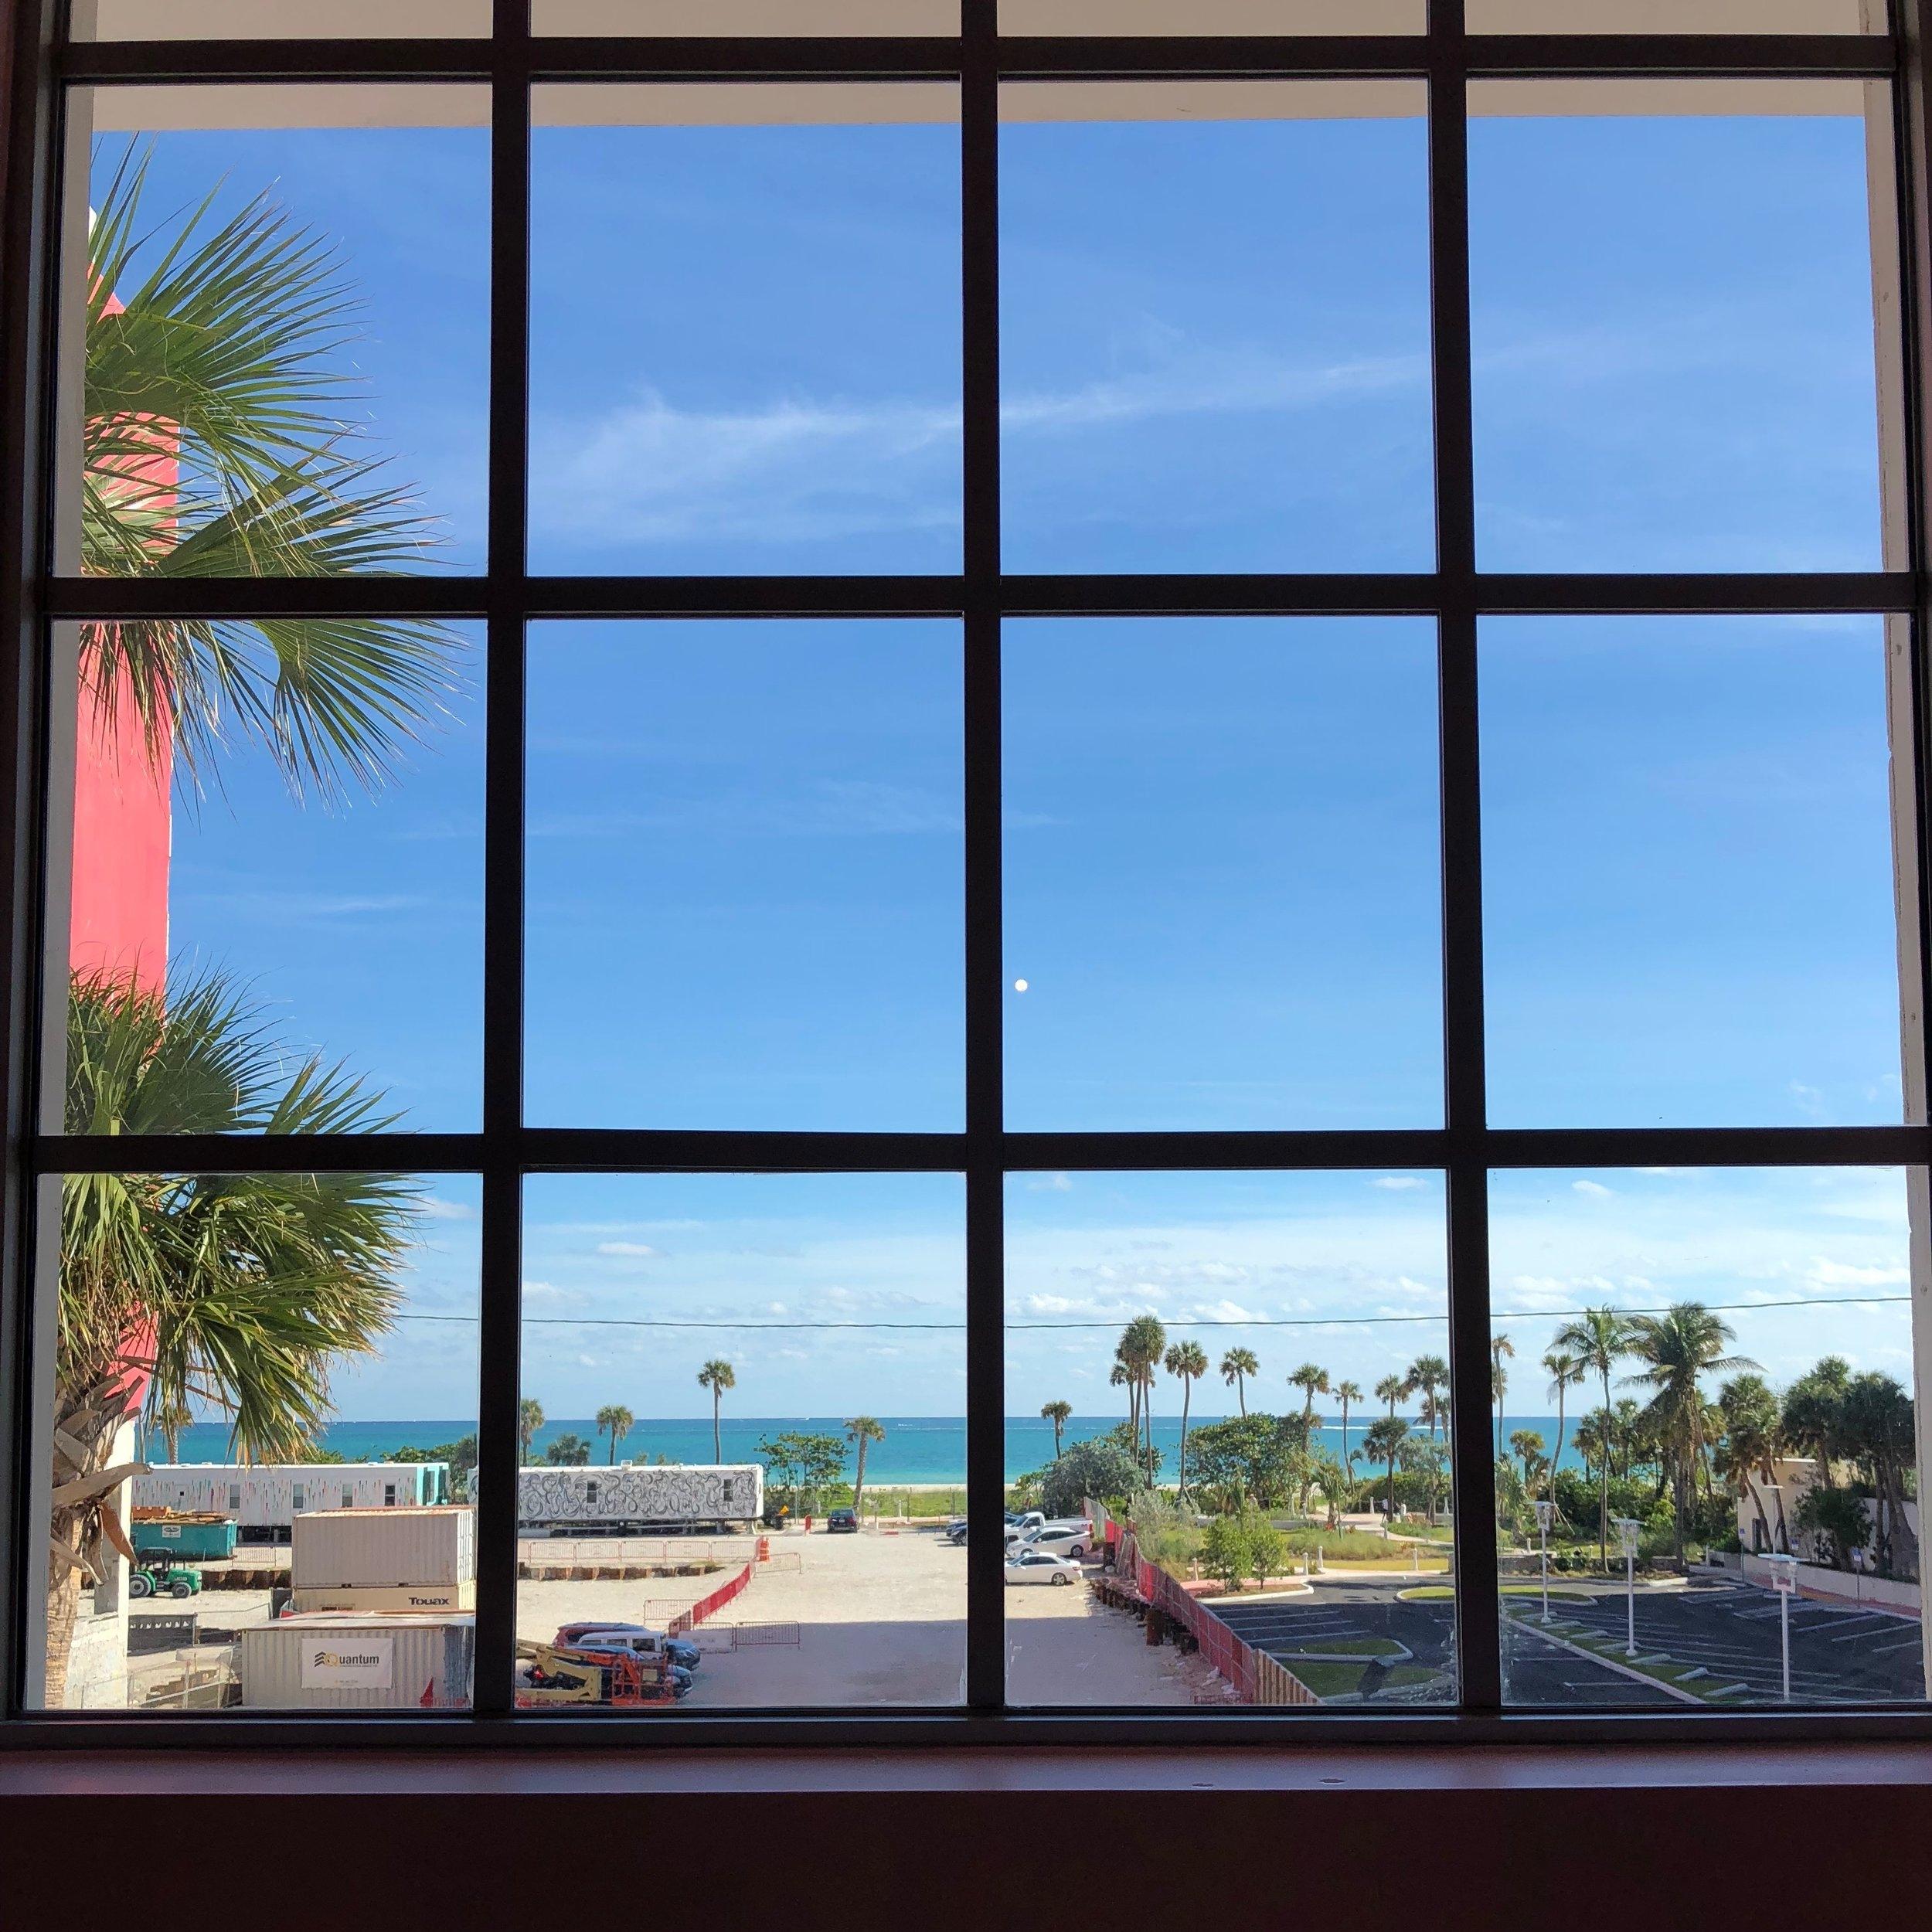 Miami on meethaha.com